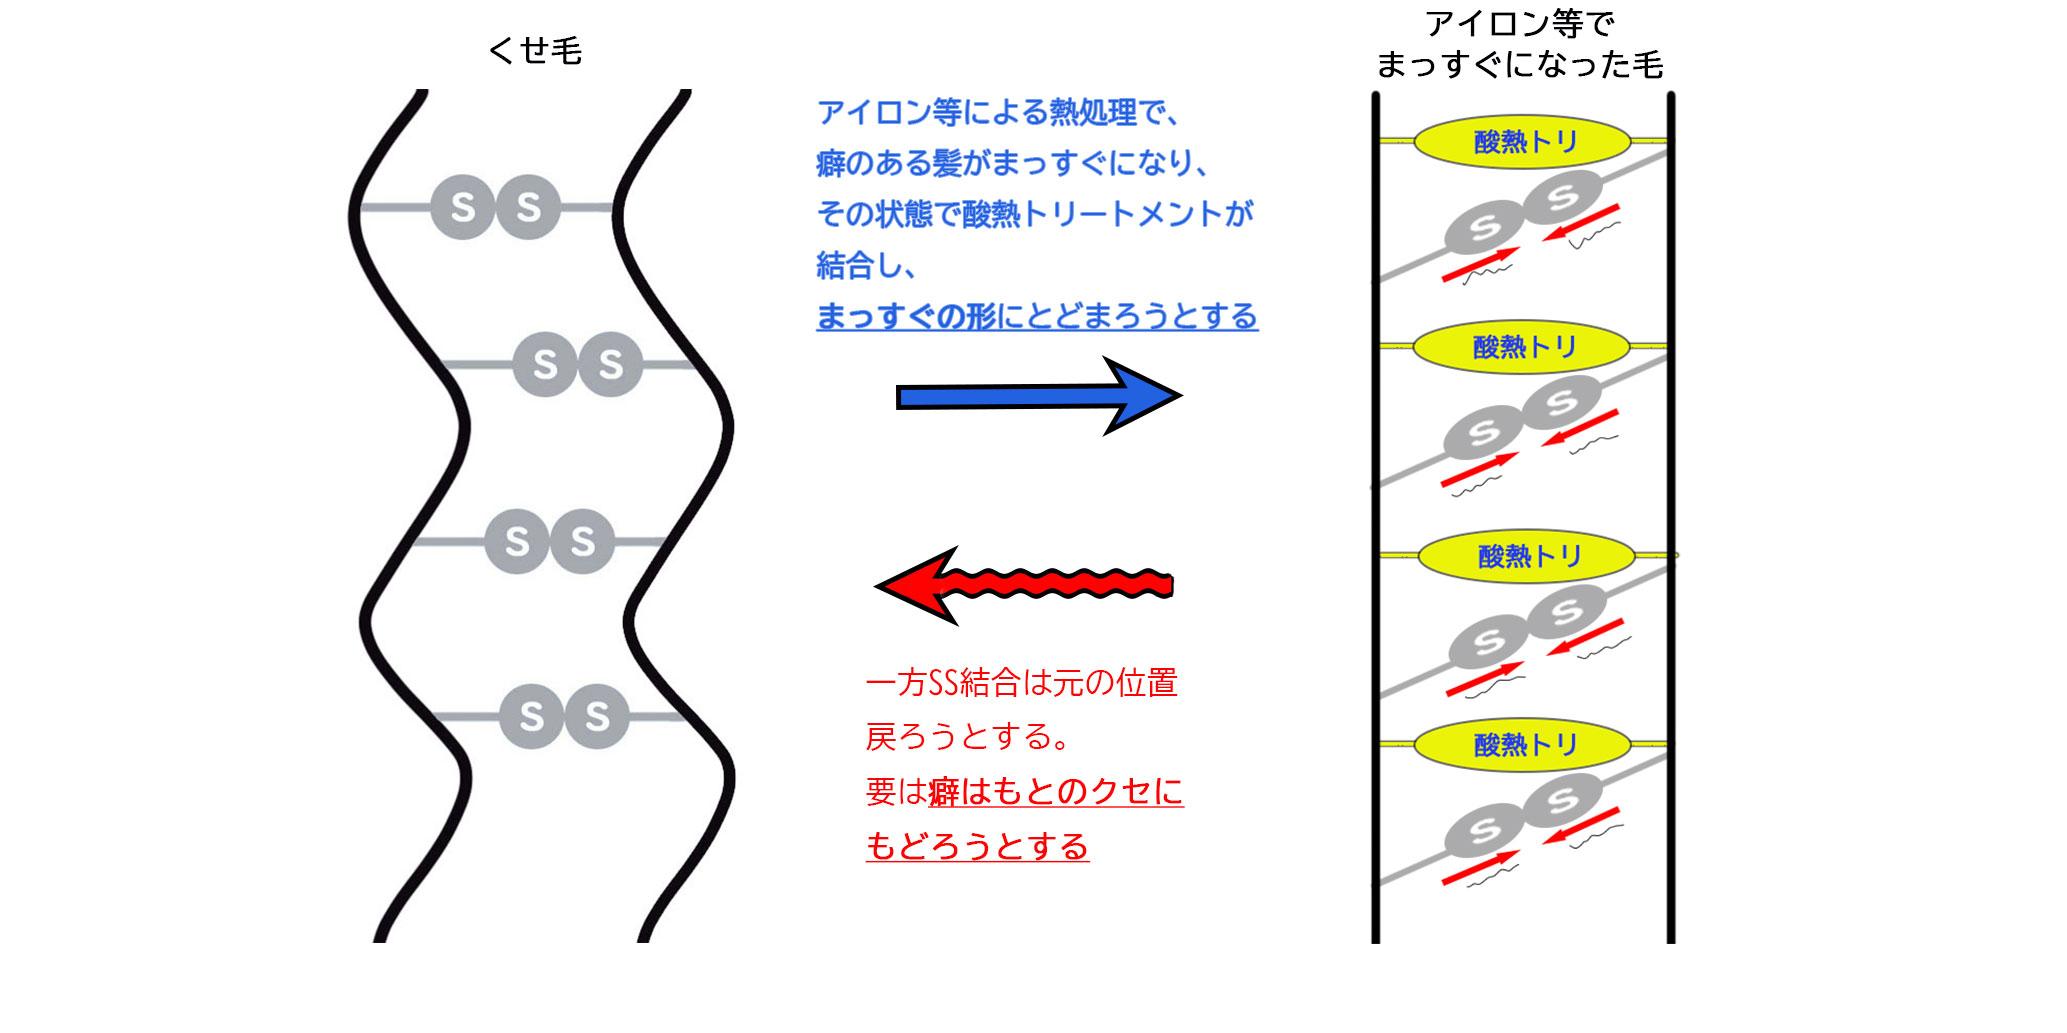 酸熱トリートメント仕組みの図